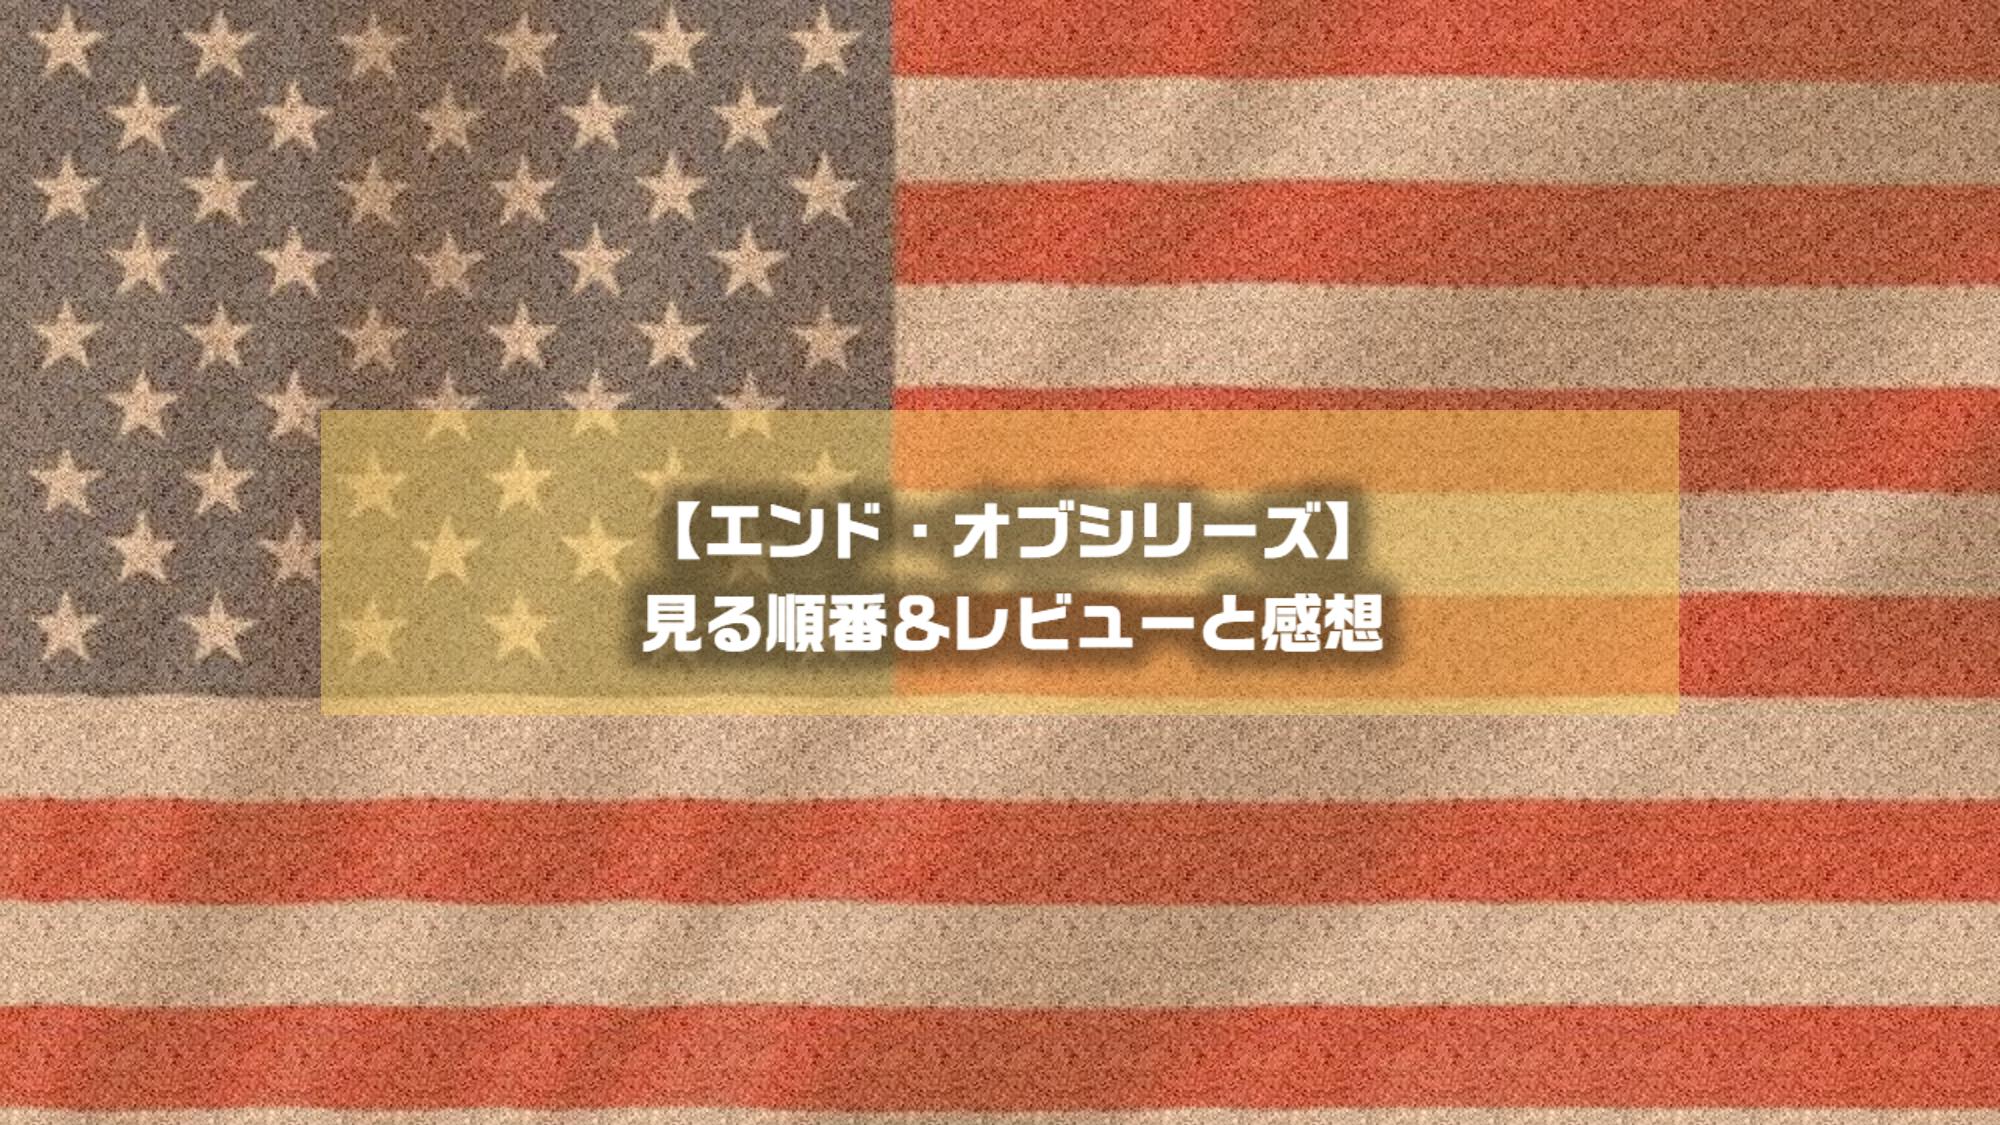 エンドオブシリーズ‗見る順番+レビュー+ネタばれ